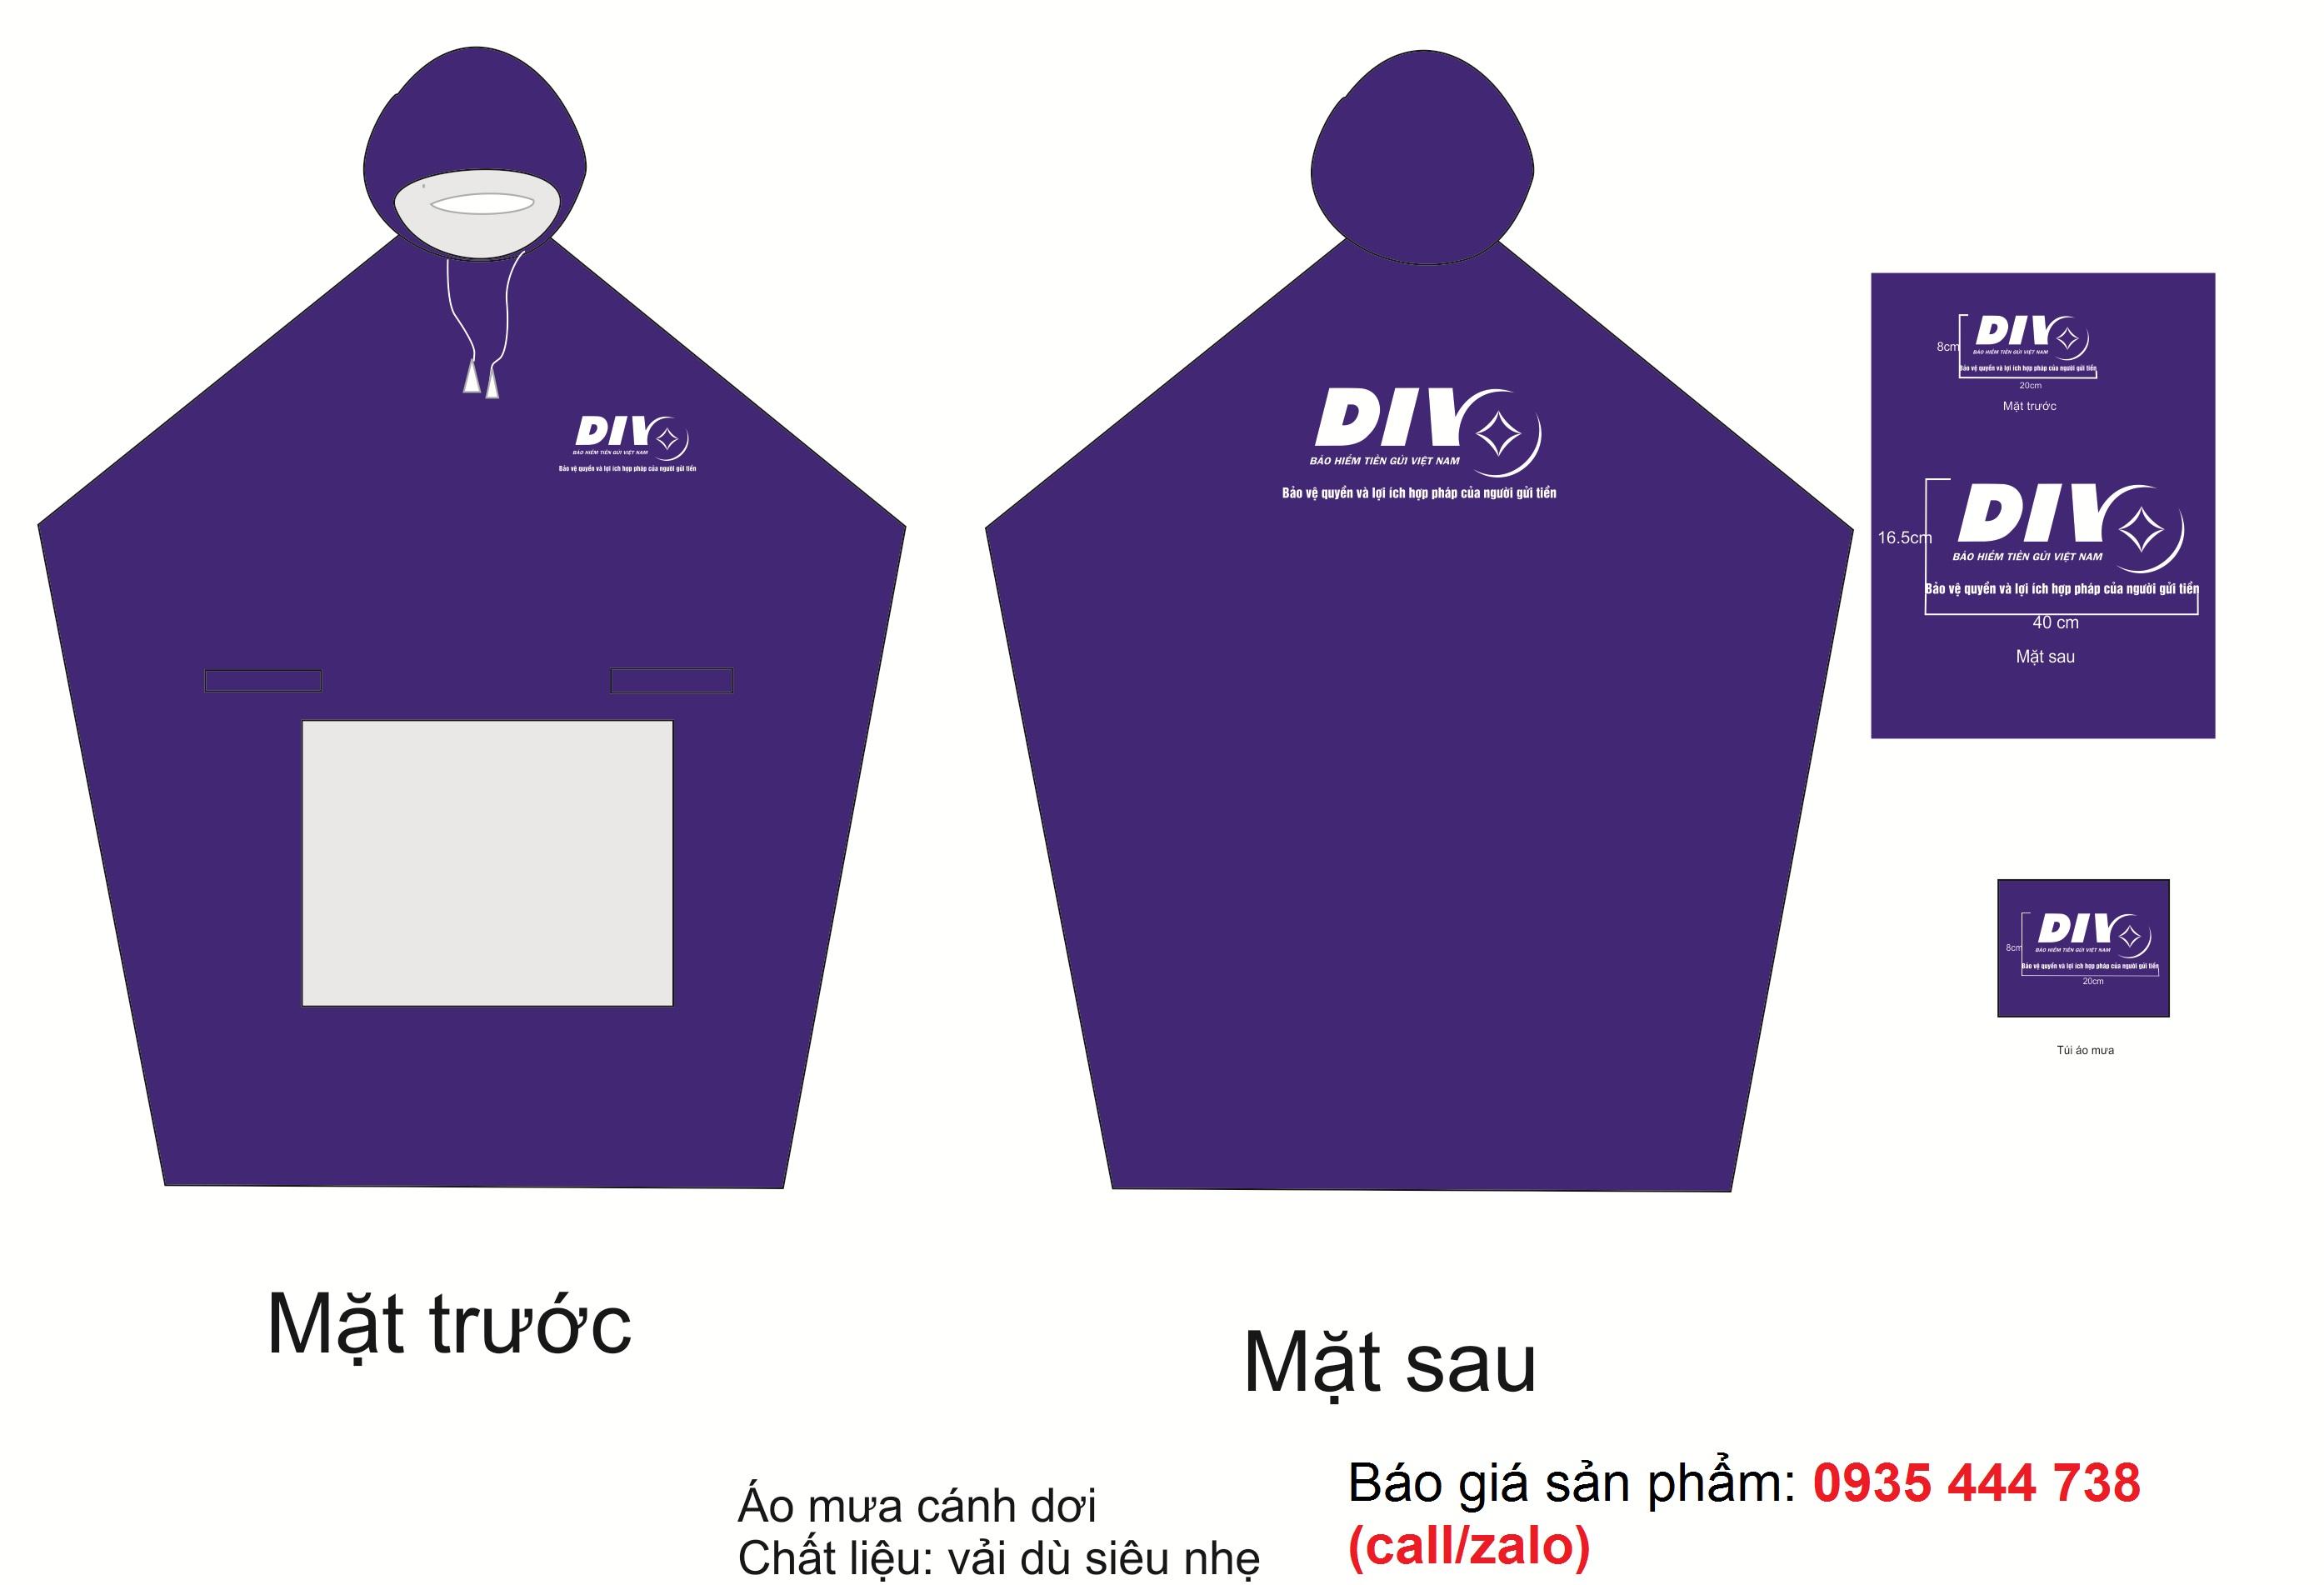 May áo mưa theo yêu cầu khách hàng Đà Nẵng